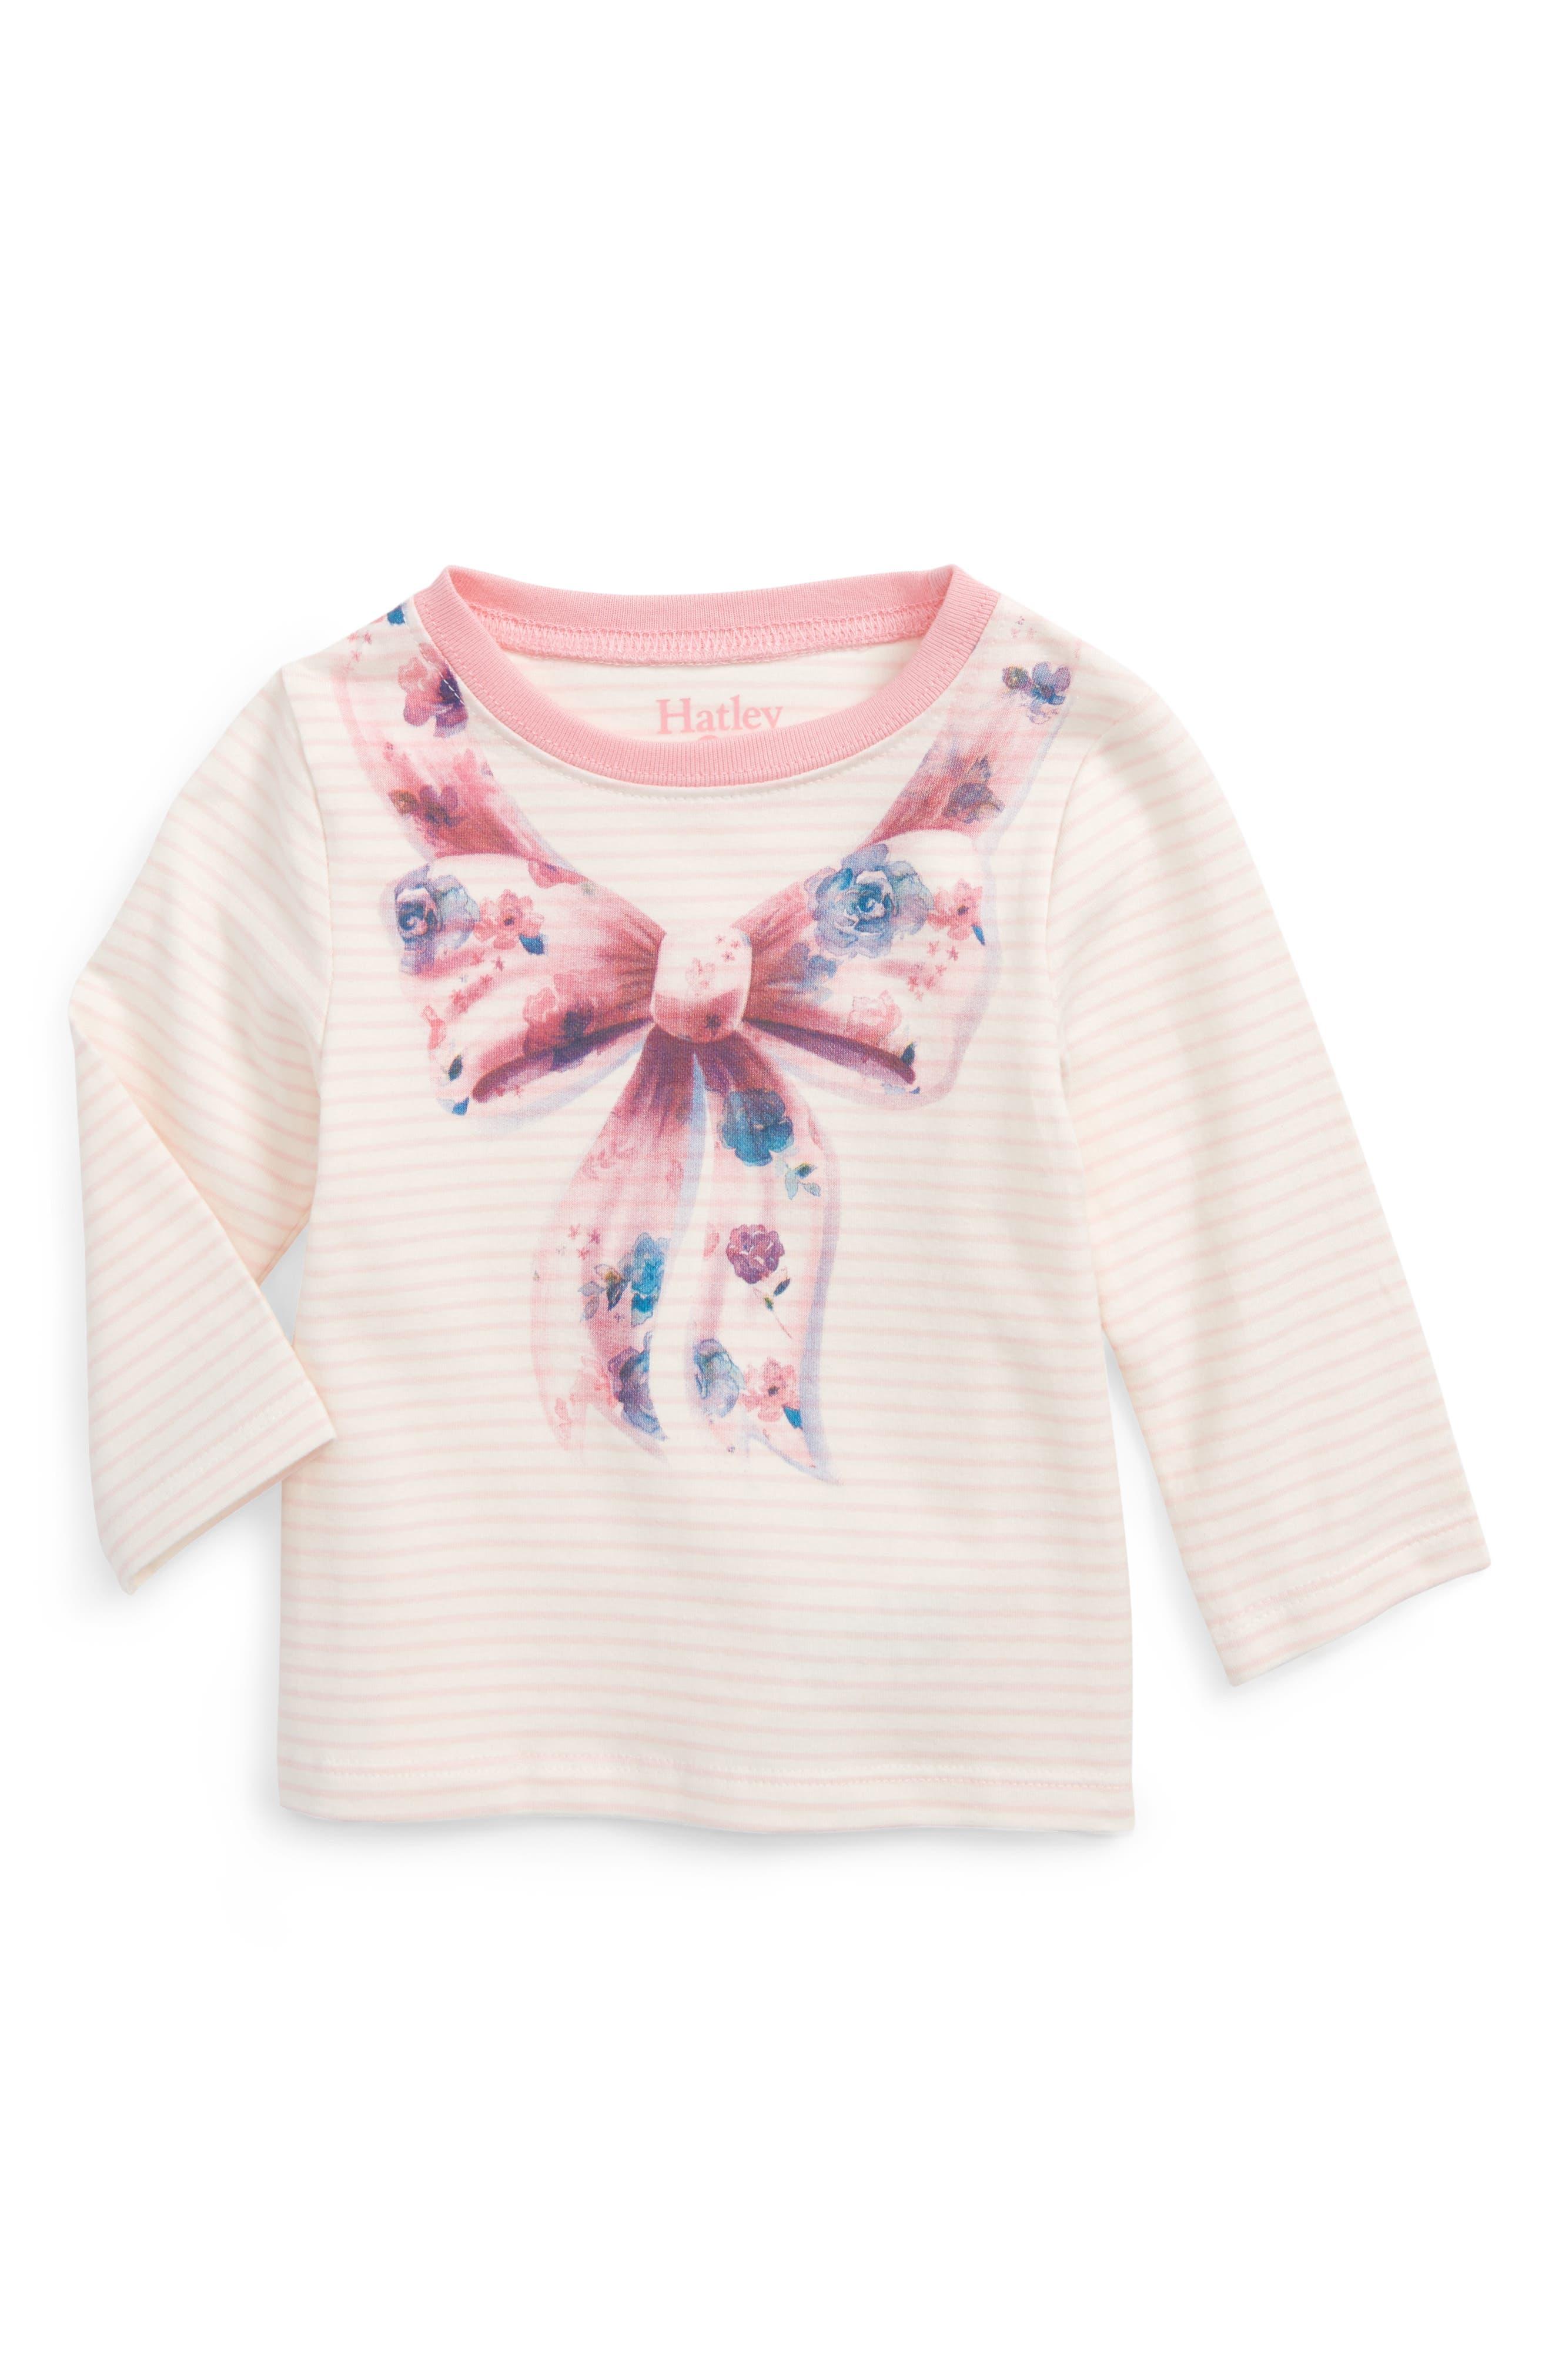 Hatley Graphic Long Sleeve Tee (Baby Girls)